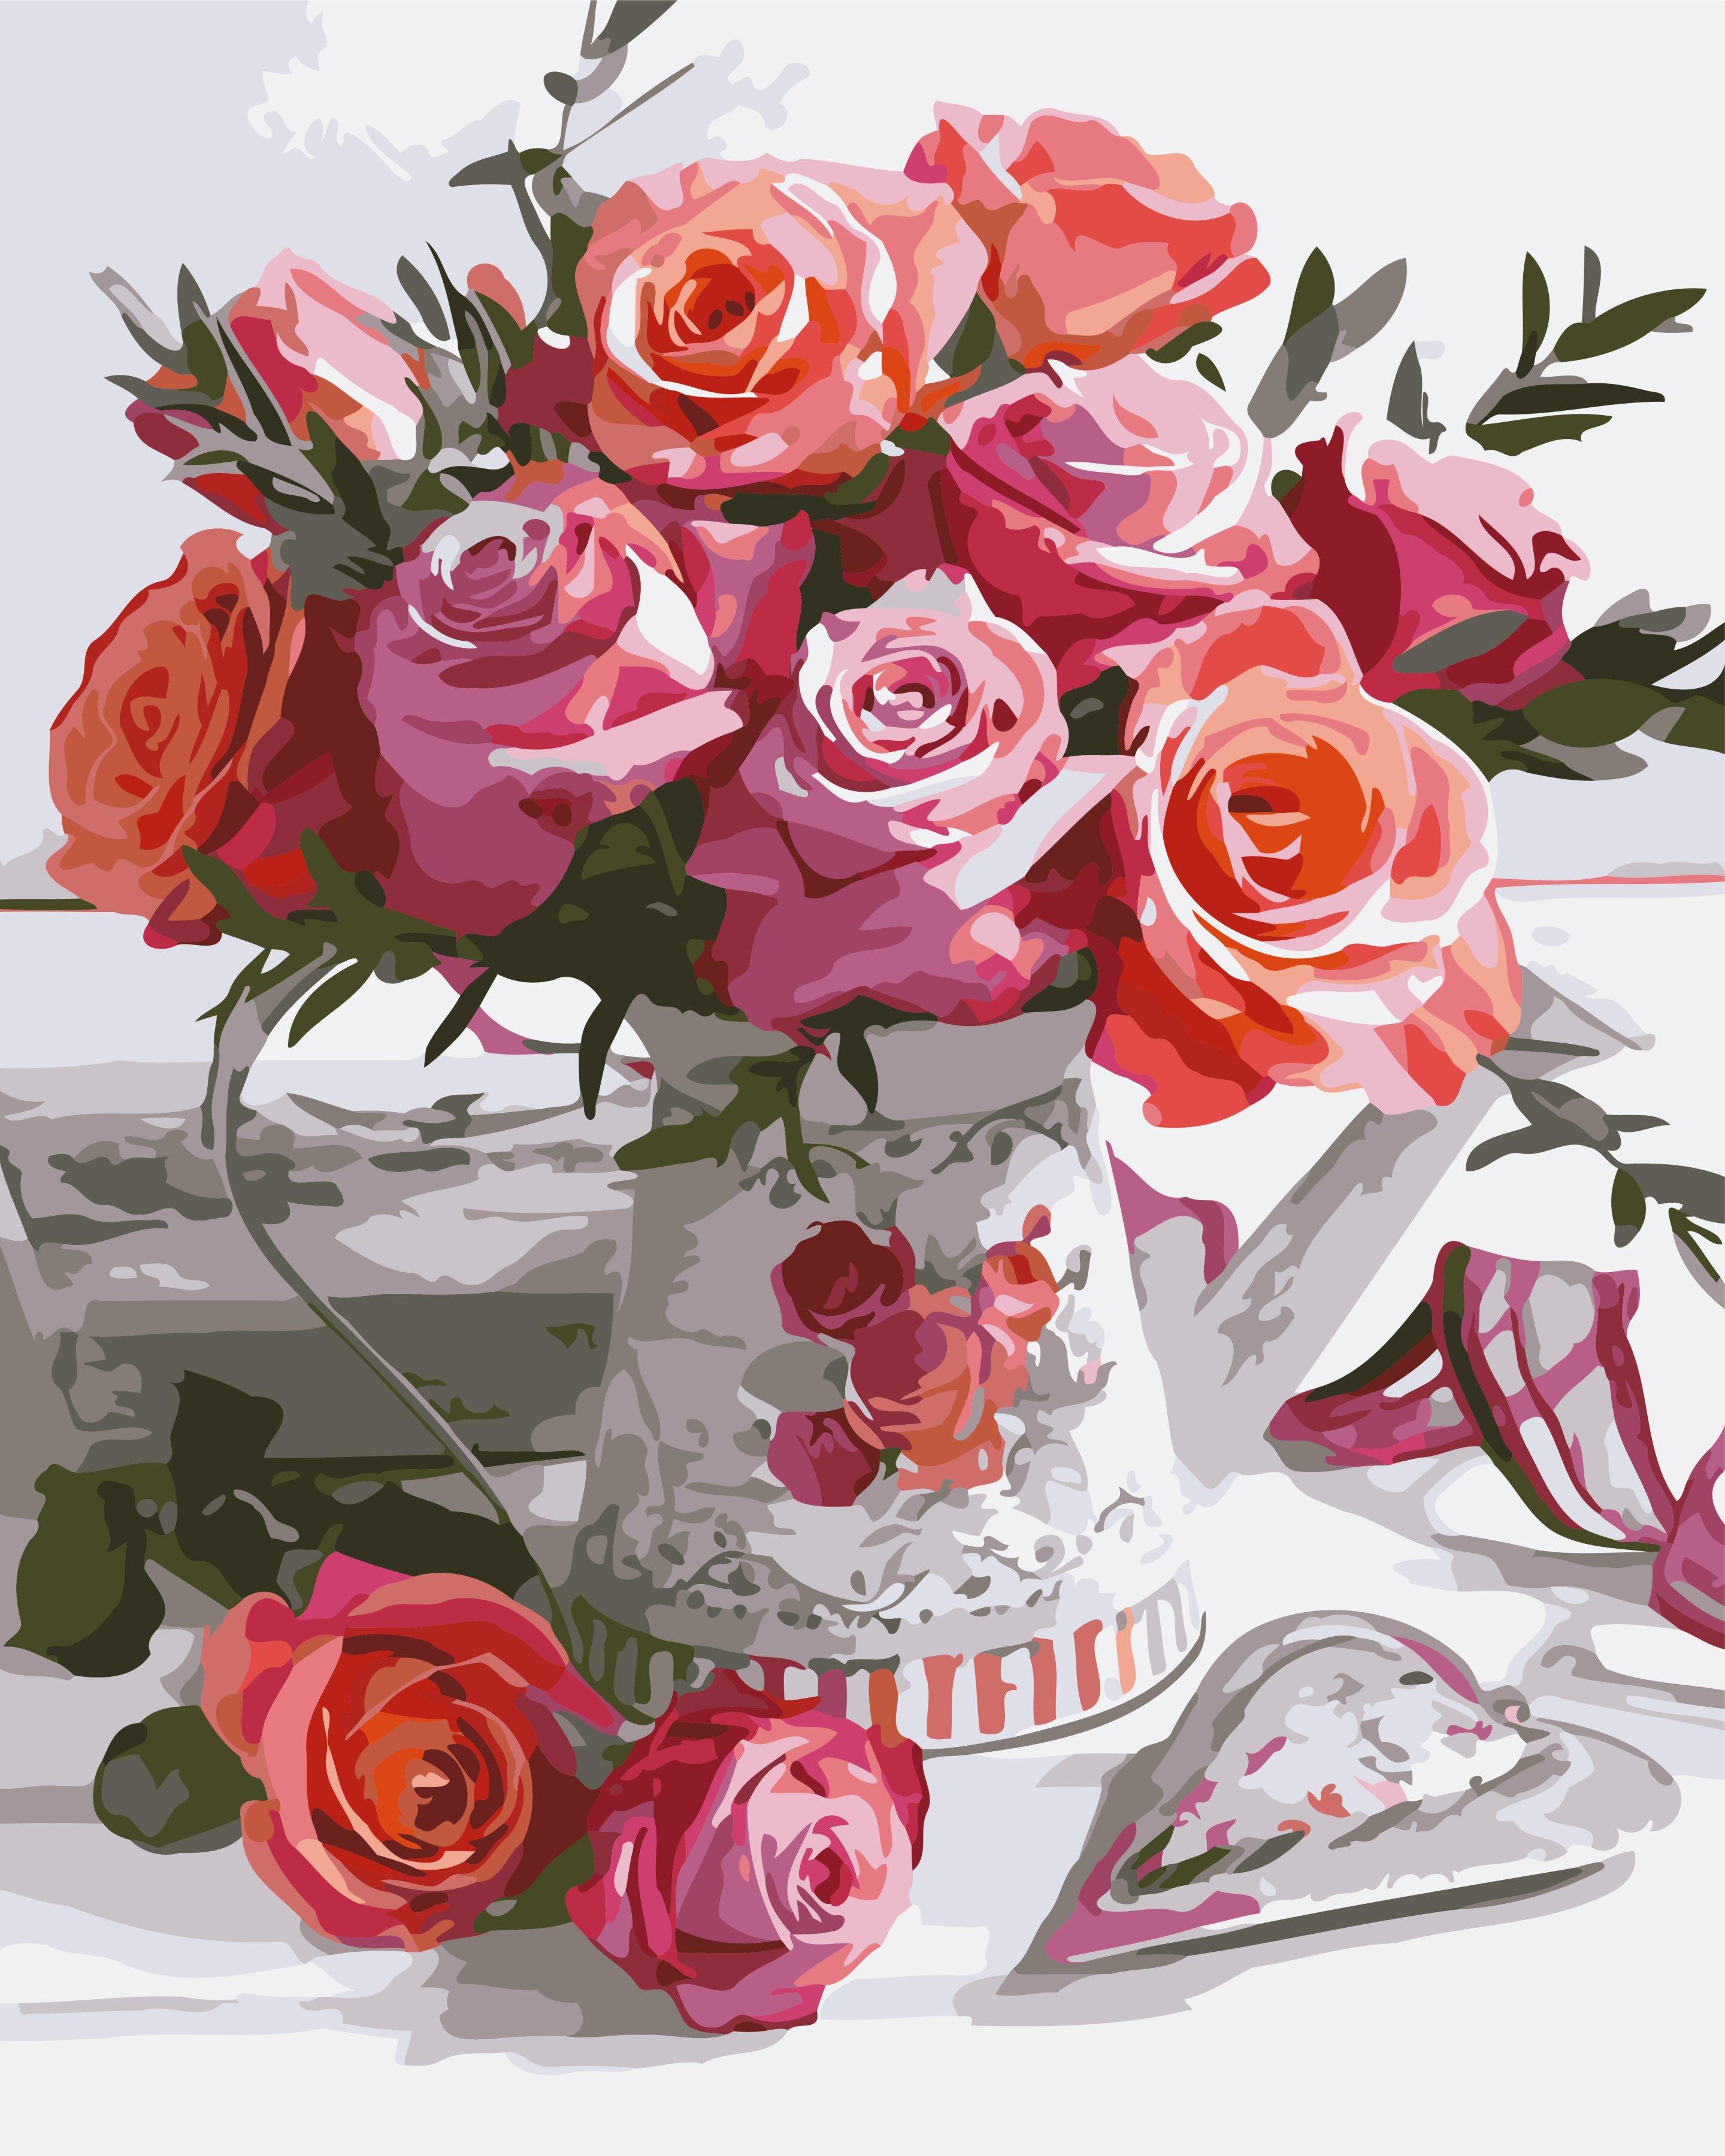 Раскраска по номерам картина Букет роз АртСтори - VseTak ...